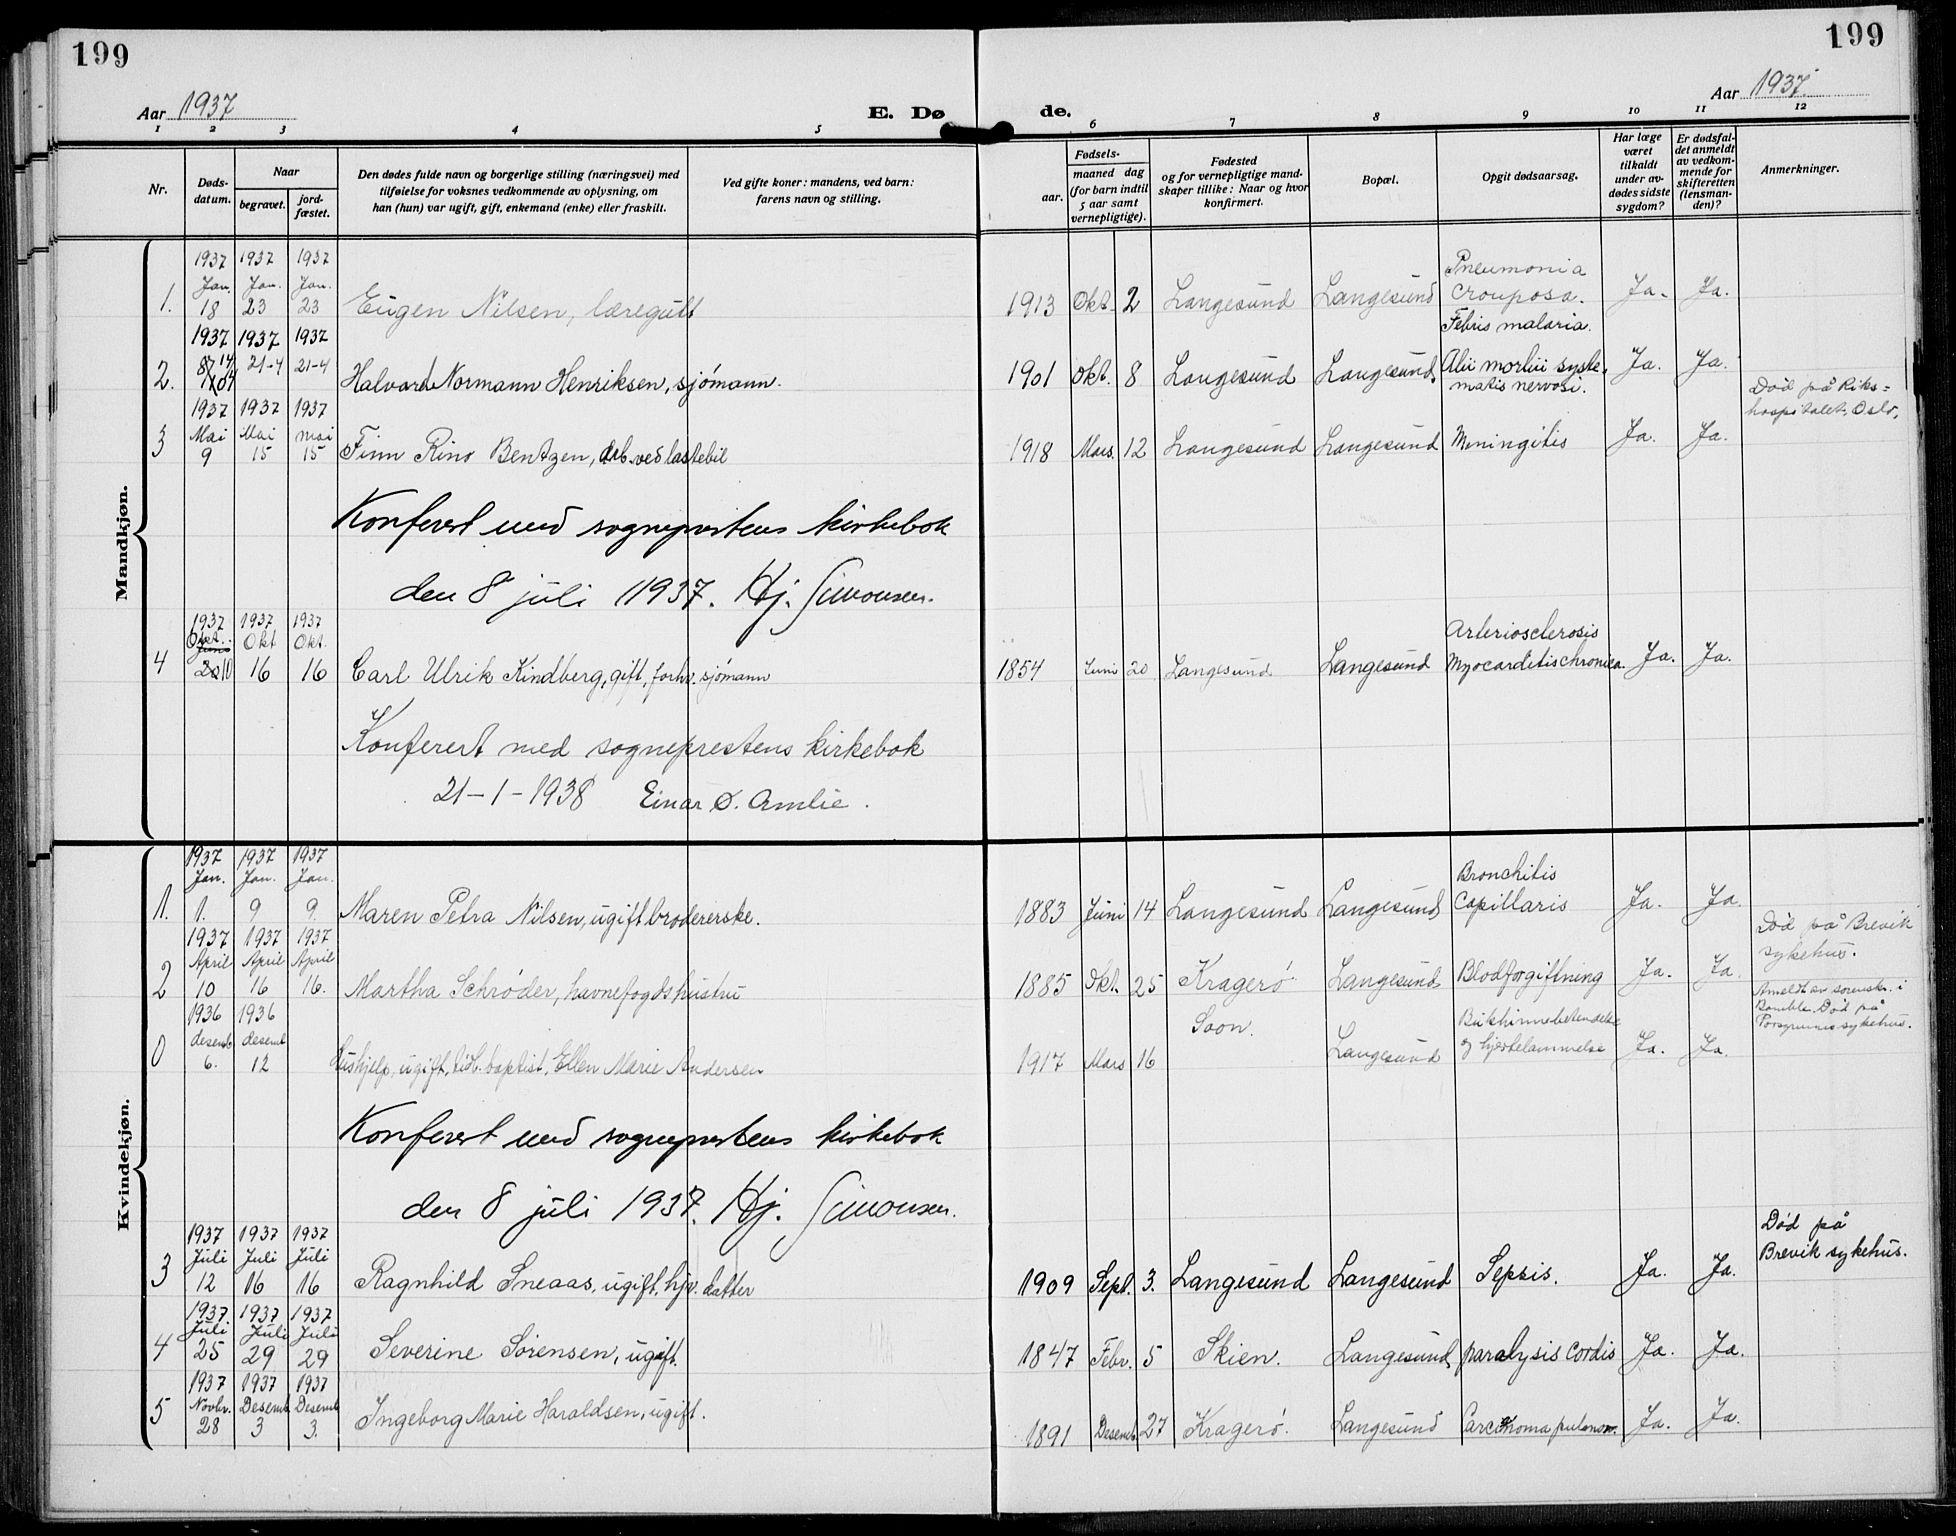 SAKO, Langesund kirkebøker, G/Ga/L0007: Klokkerbok nr. 7, 1919-1939, s. 199